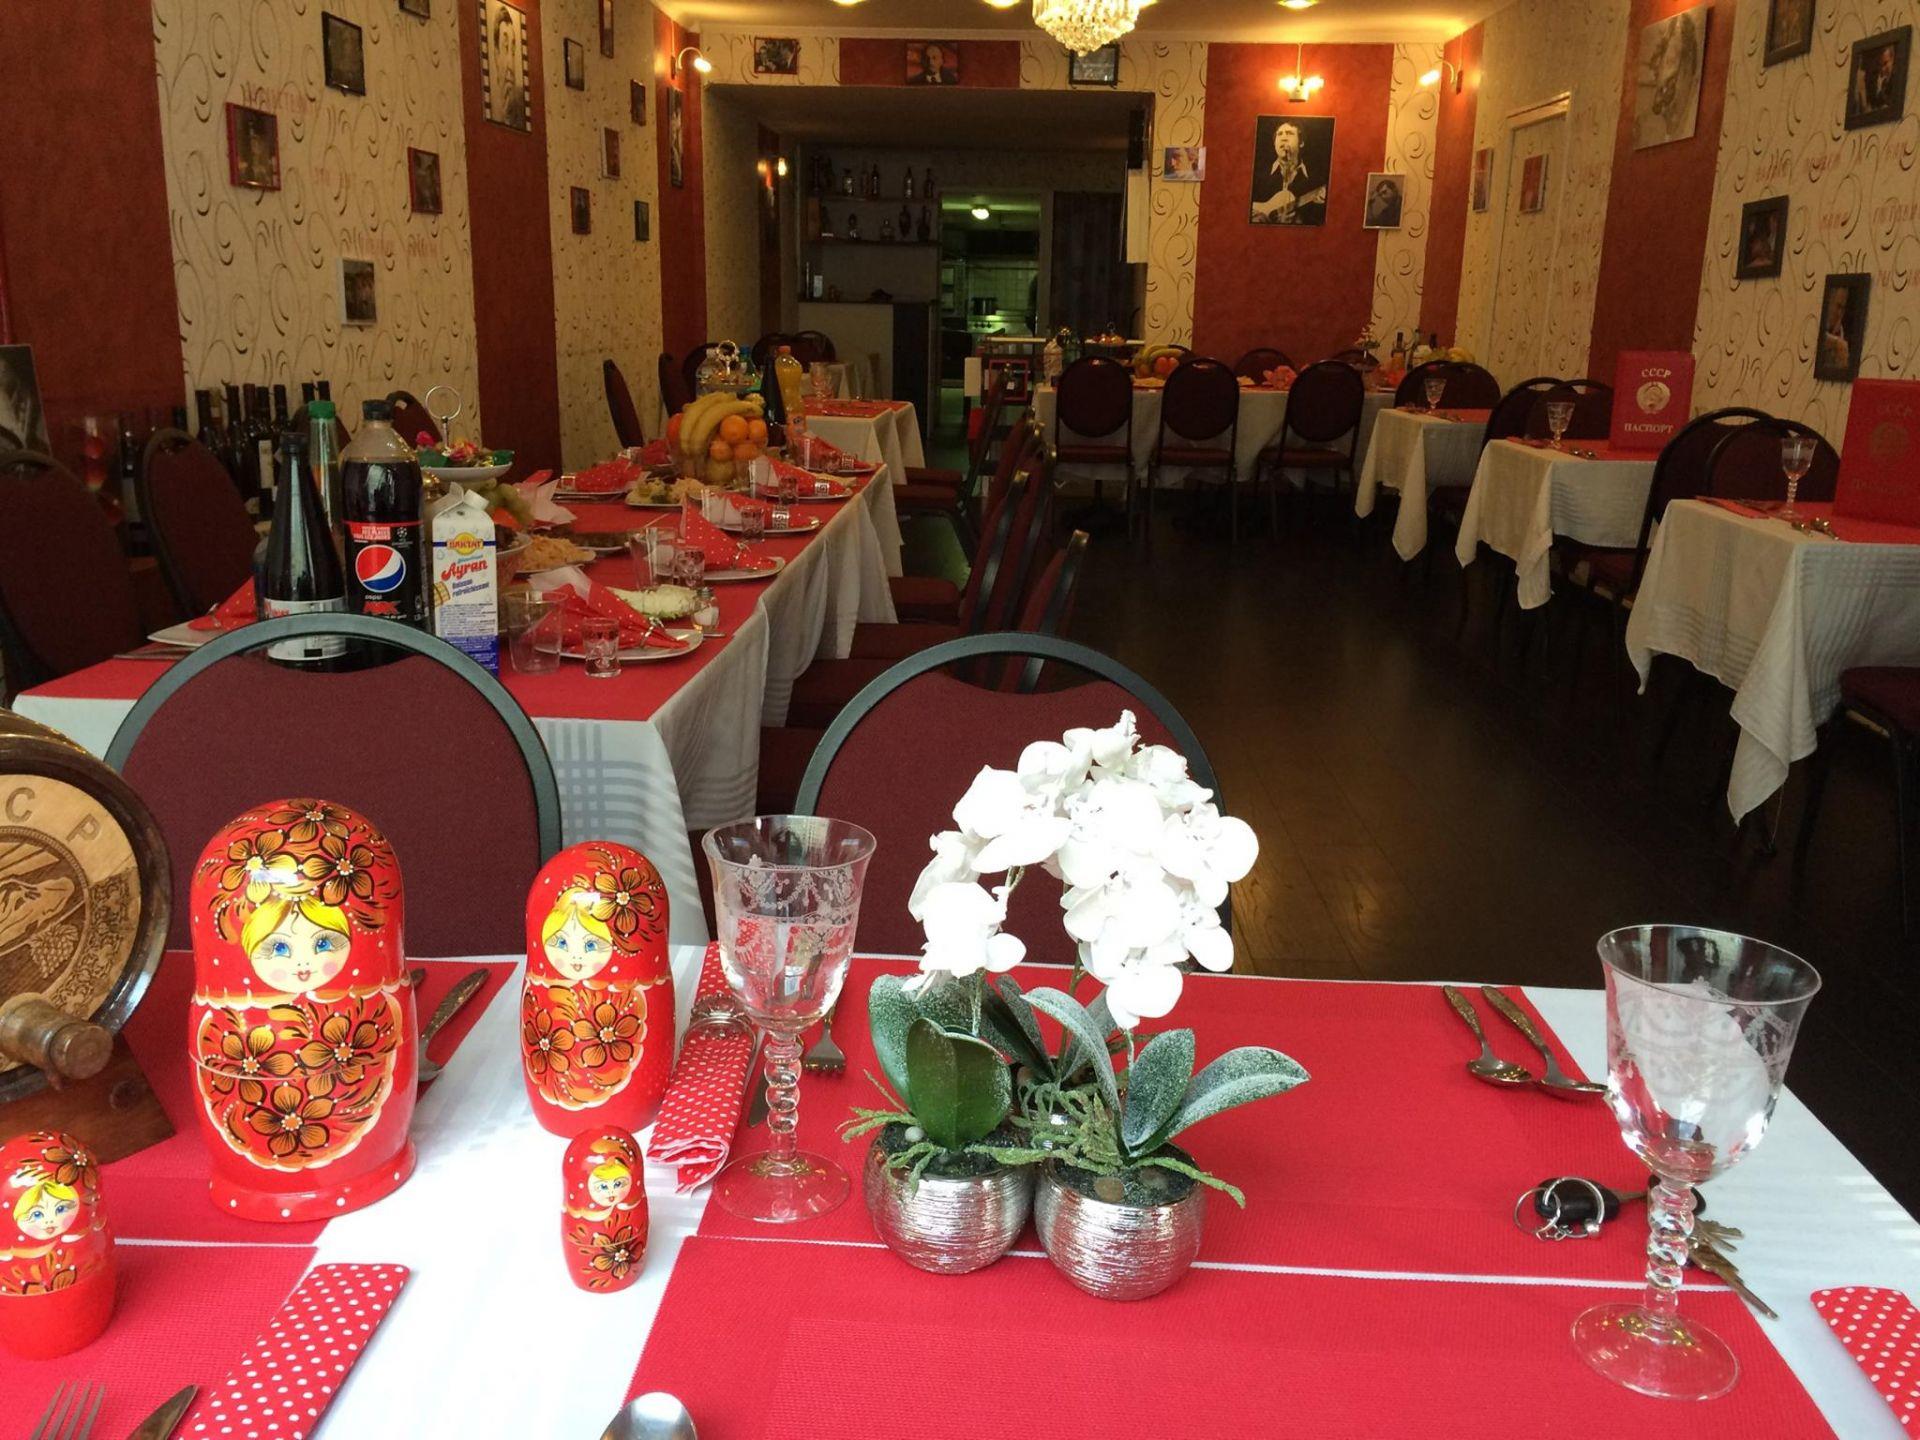 Restaurant russe est 12 pays cccp - Lorraine Tourisme